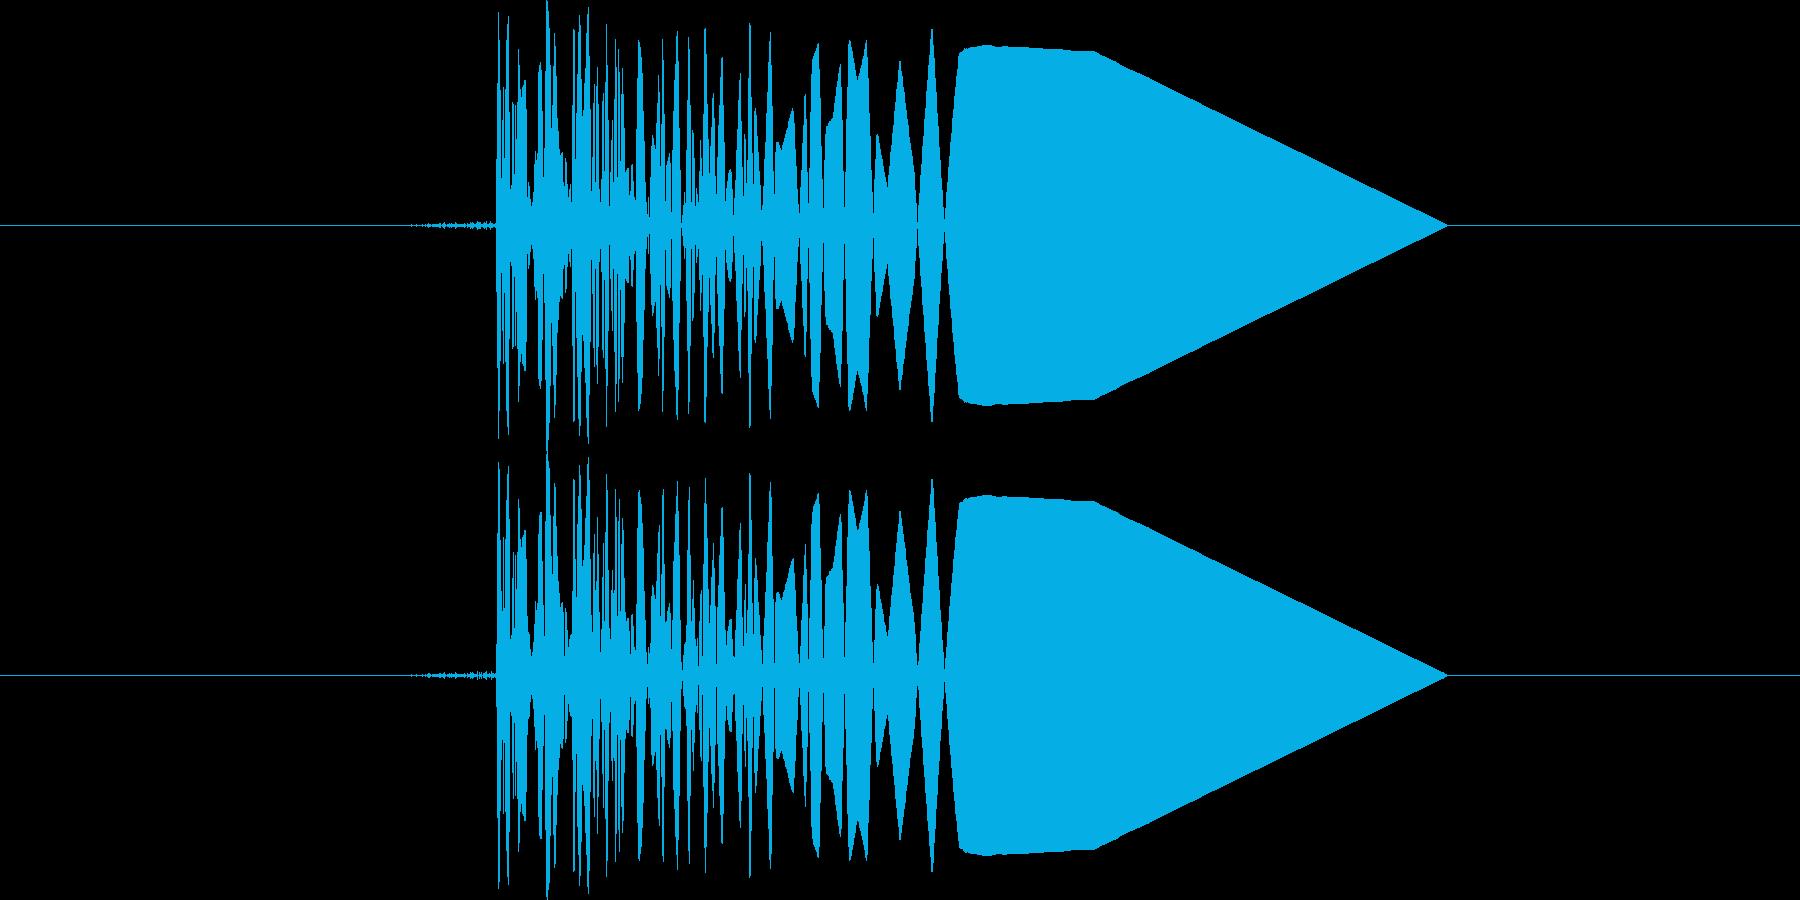 ファミコン系歩く音02 コツコツ(単音)の再生済みの波形